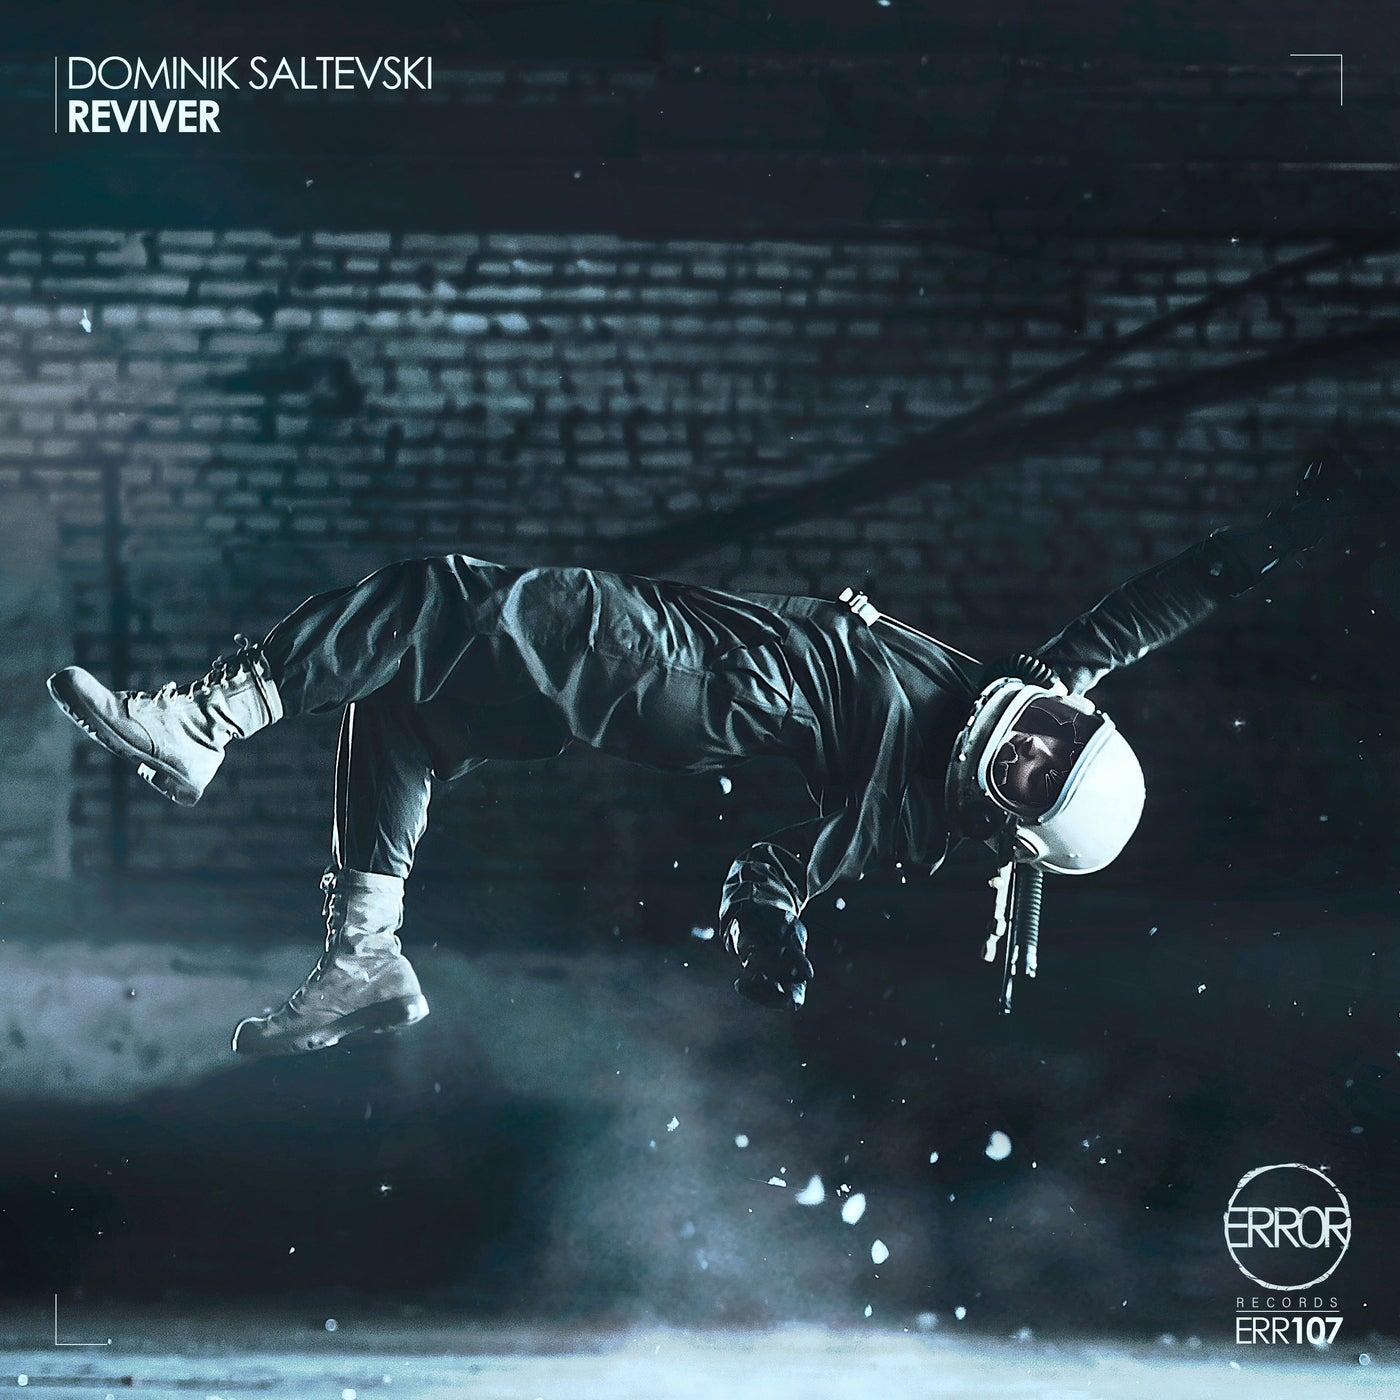 Reviver (Original Mix)